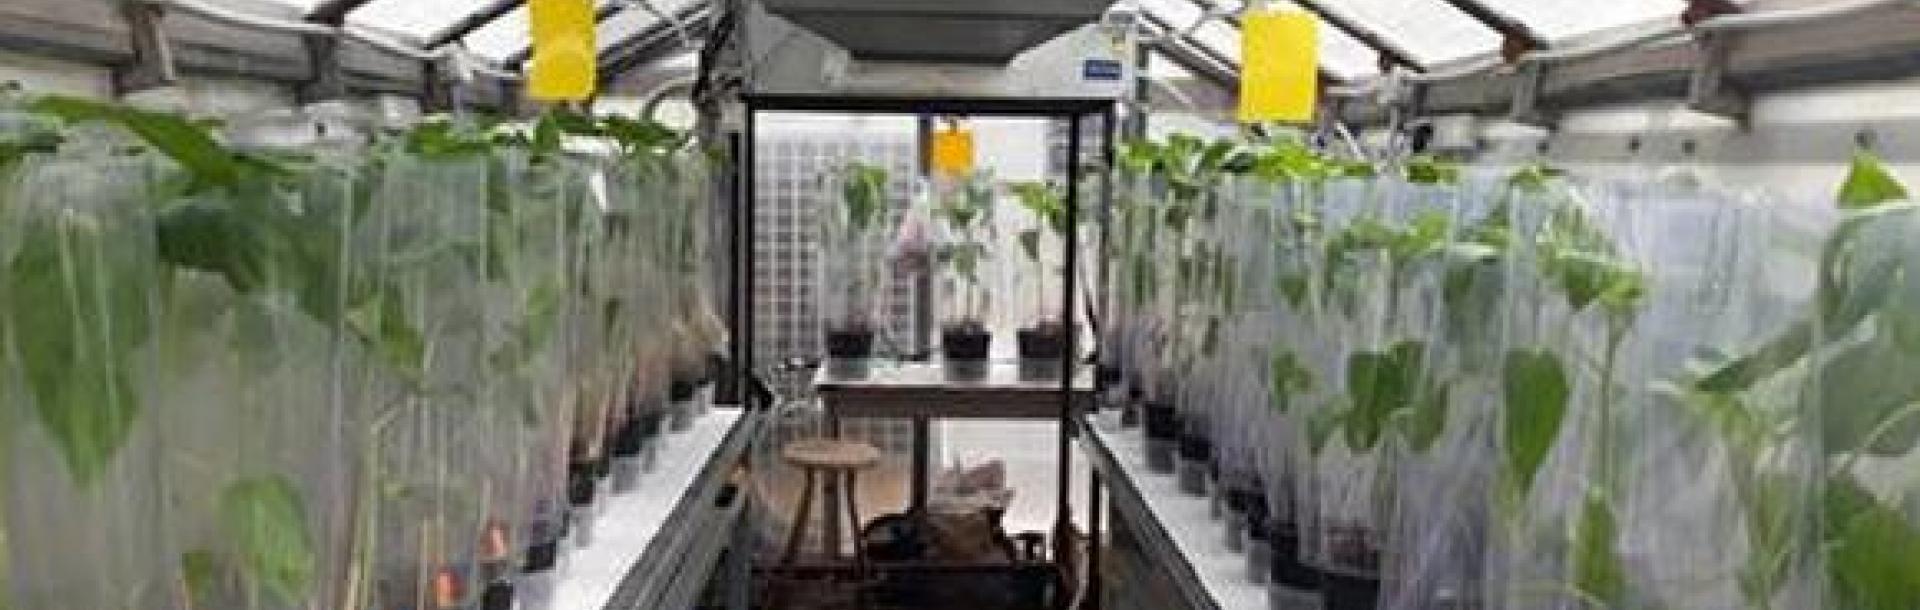 צמחים שמנקים את הקרקע